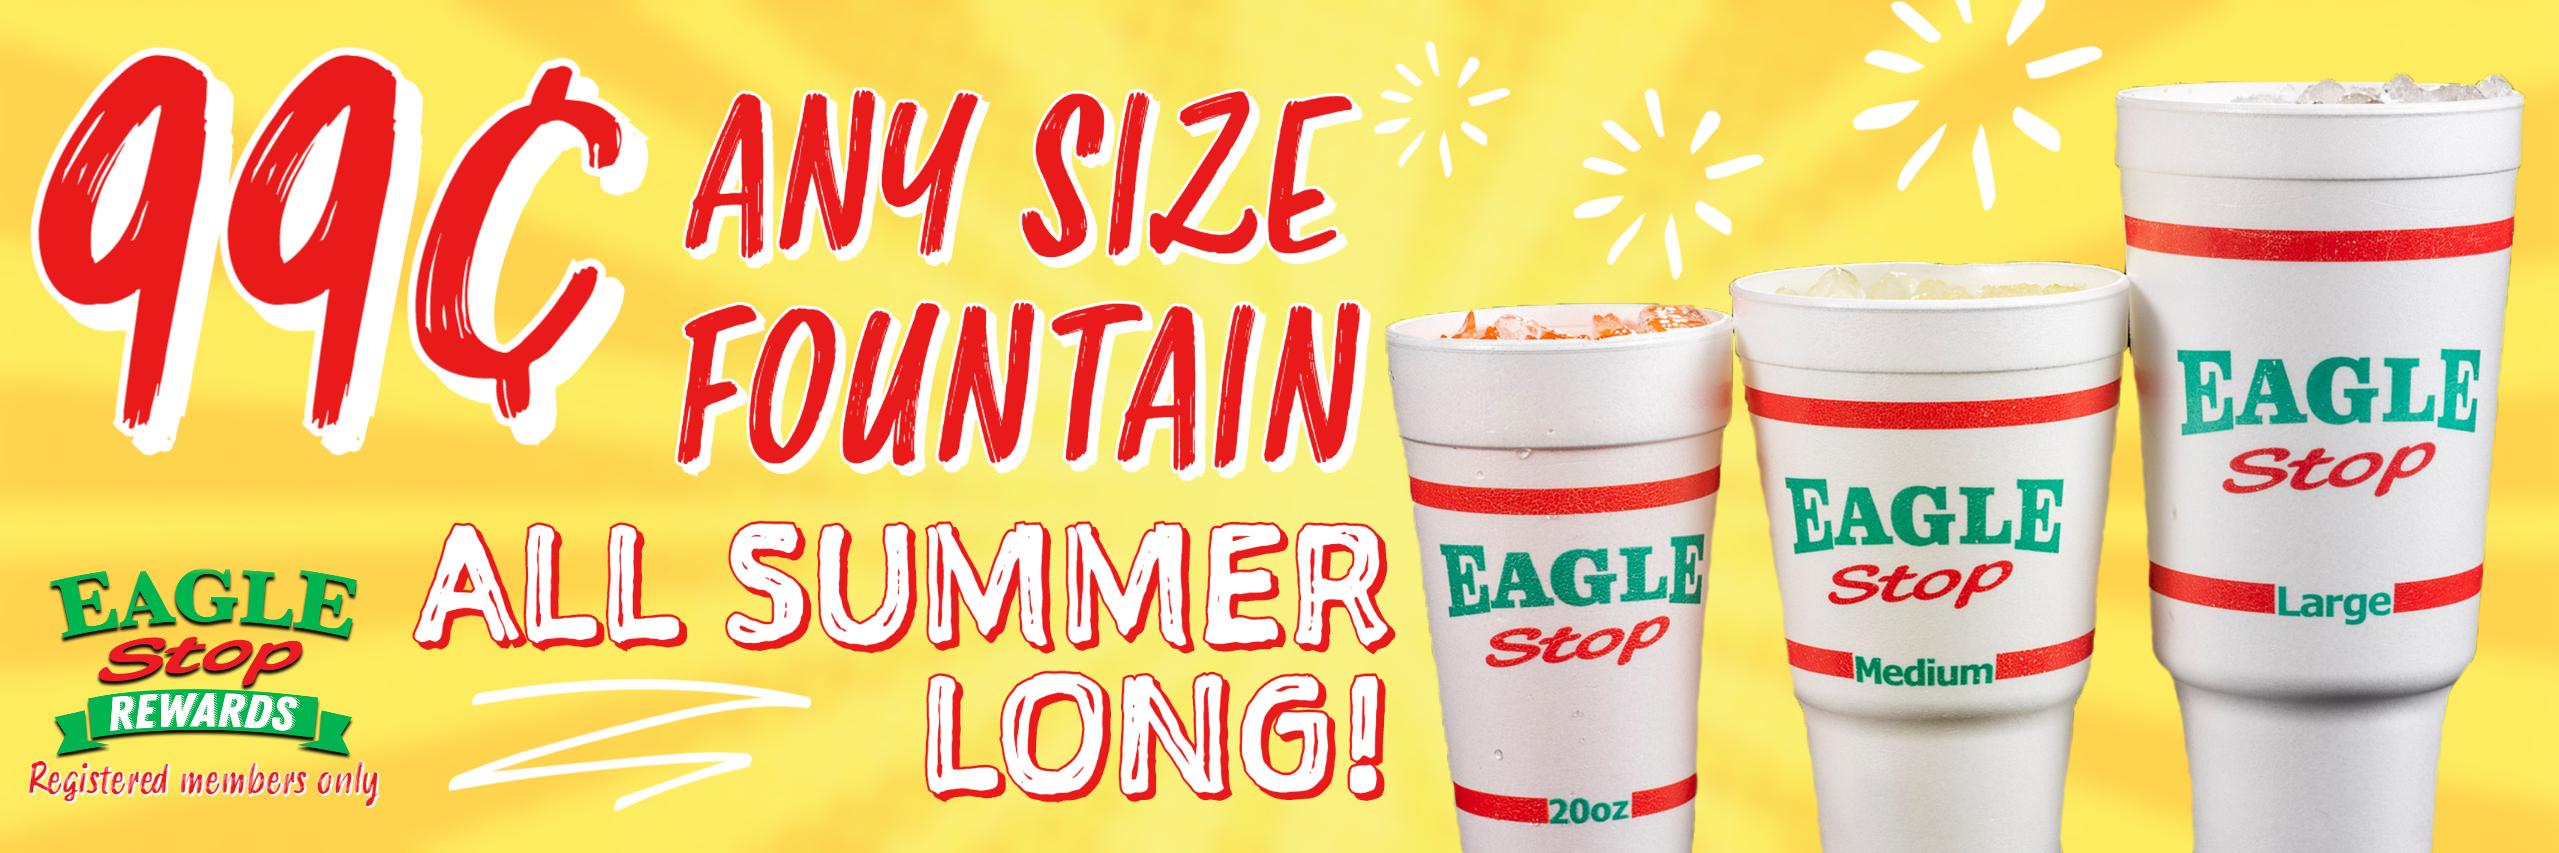 Eagle Stop Summer Specials Facebook Copy